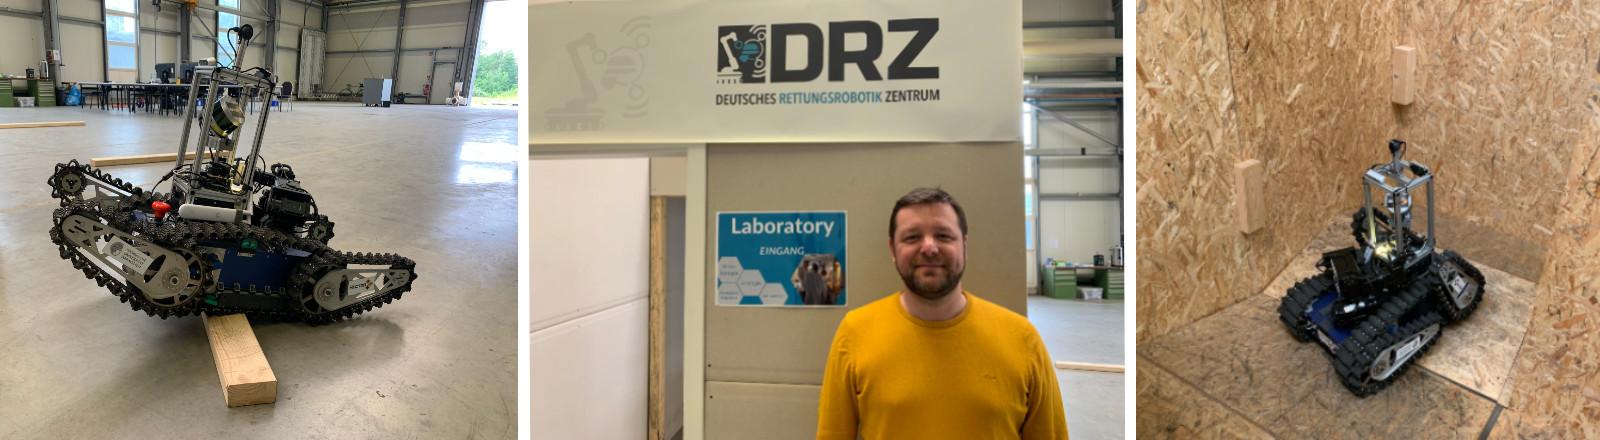 """Rettungsroboter """"Asterix"""" im Testeinsatz / Robert Grafe, Geschäftsführer des Deutschen Rettungsrobotik Zentrums (DRZ) in Dortmund"""